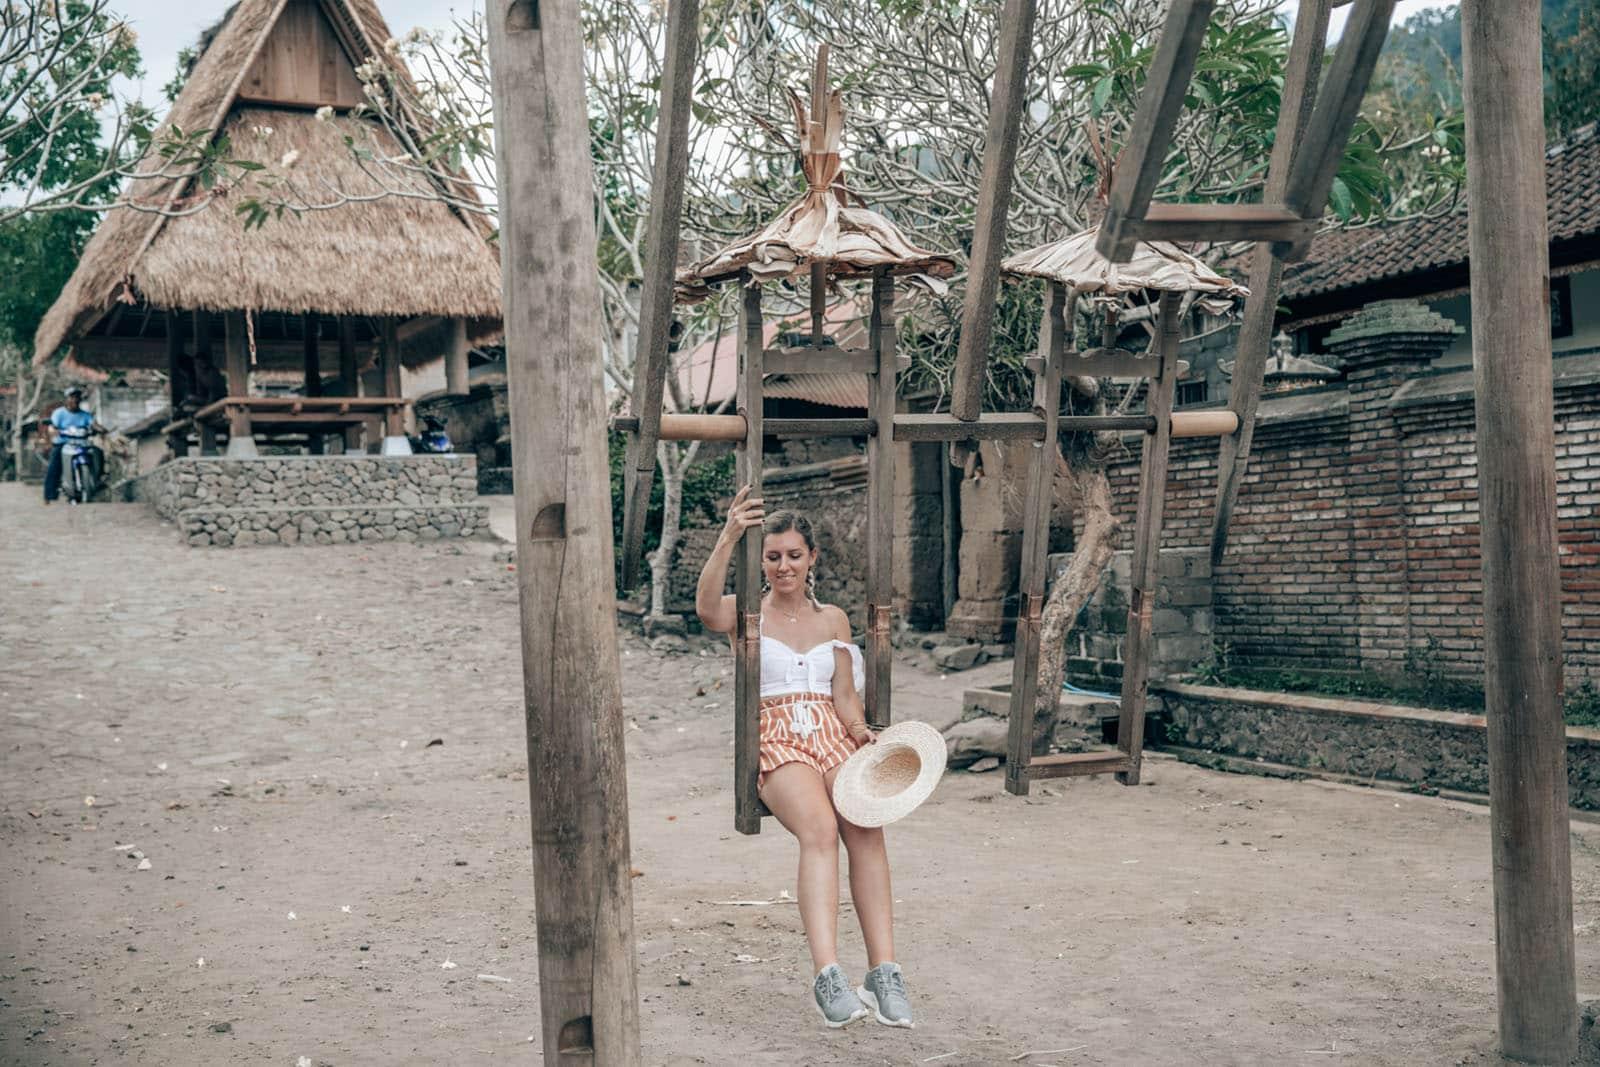 balancoire village - Voyage à Bali : Itinéraire, activités et hôtels